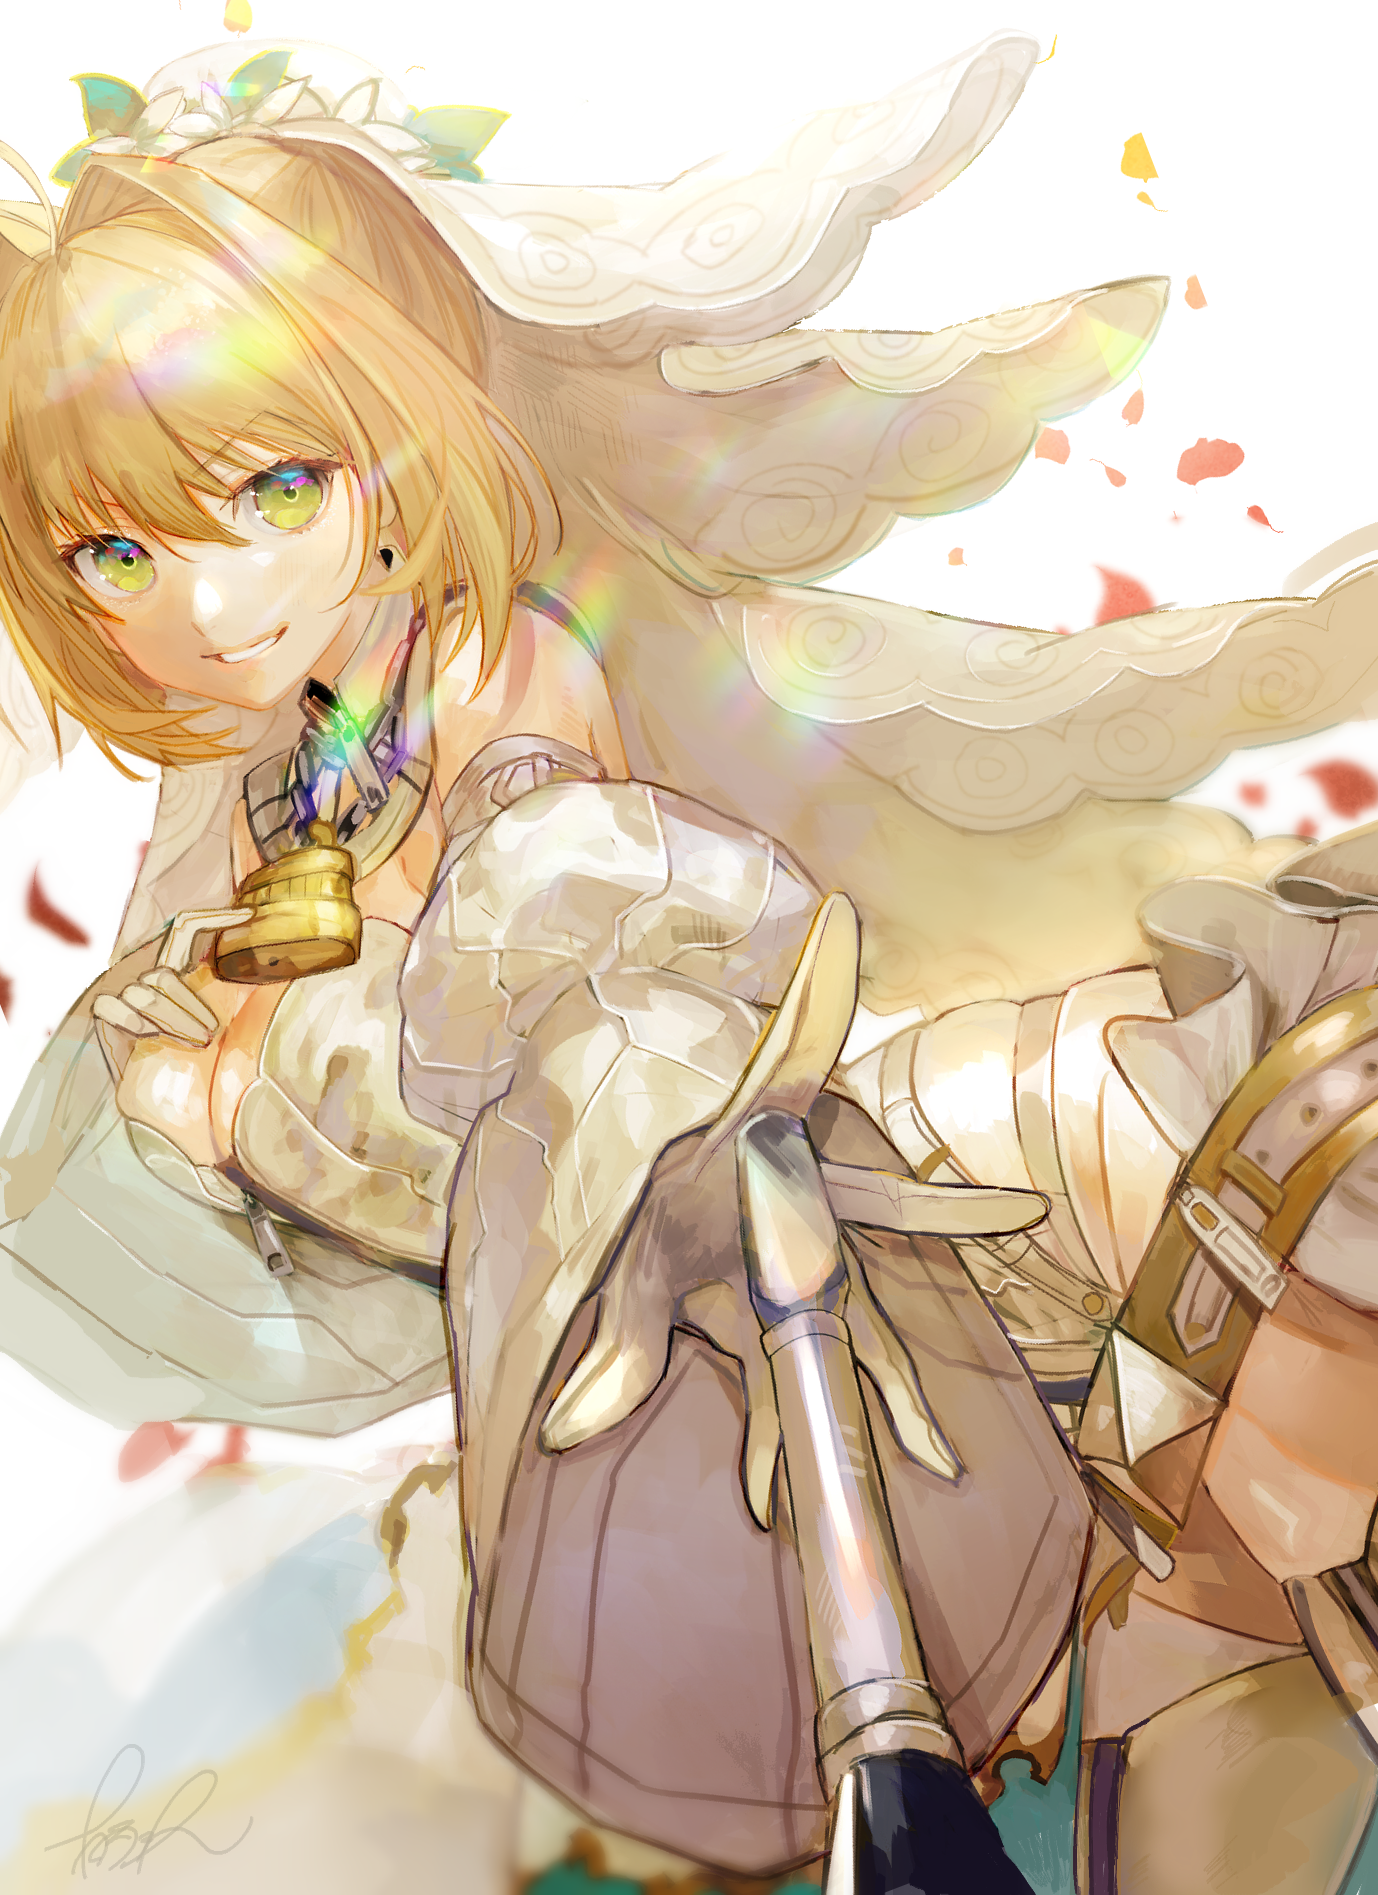 Fate에 있는 Arthuria님의 핀 캐릭터 일러스트, 애니메이션, 스케치